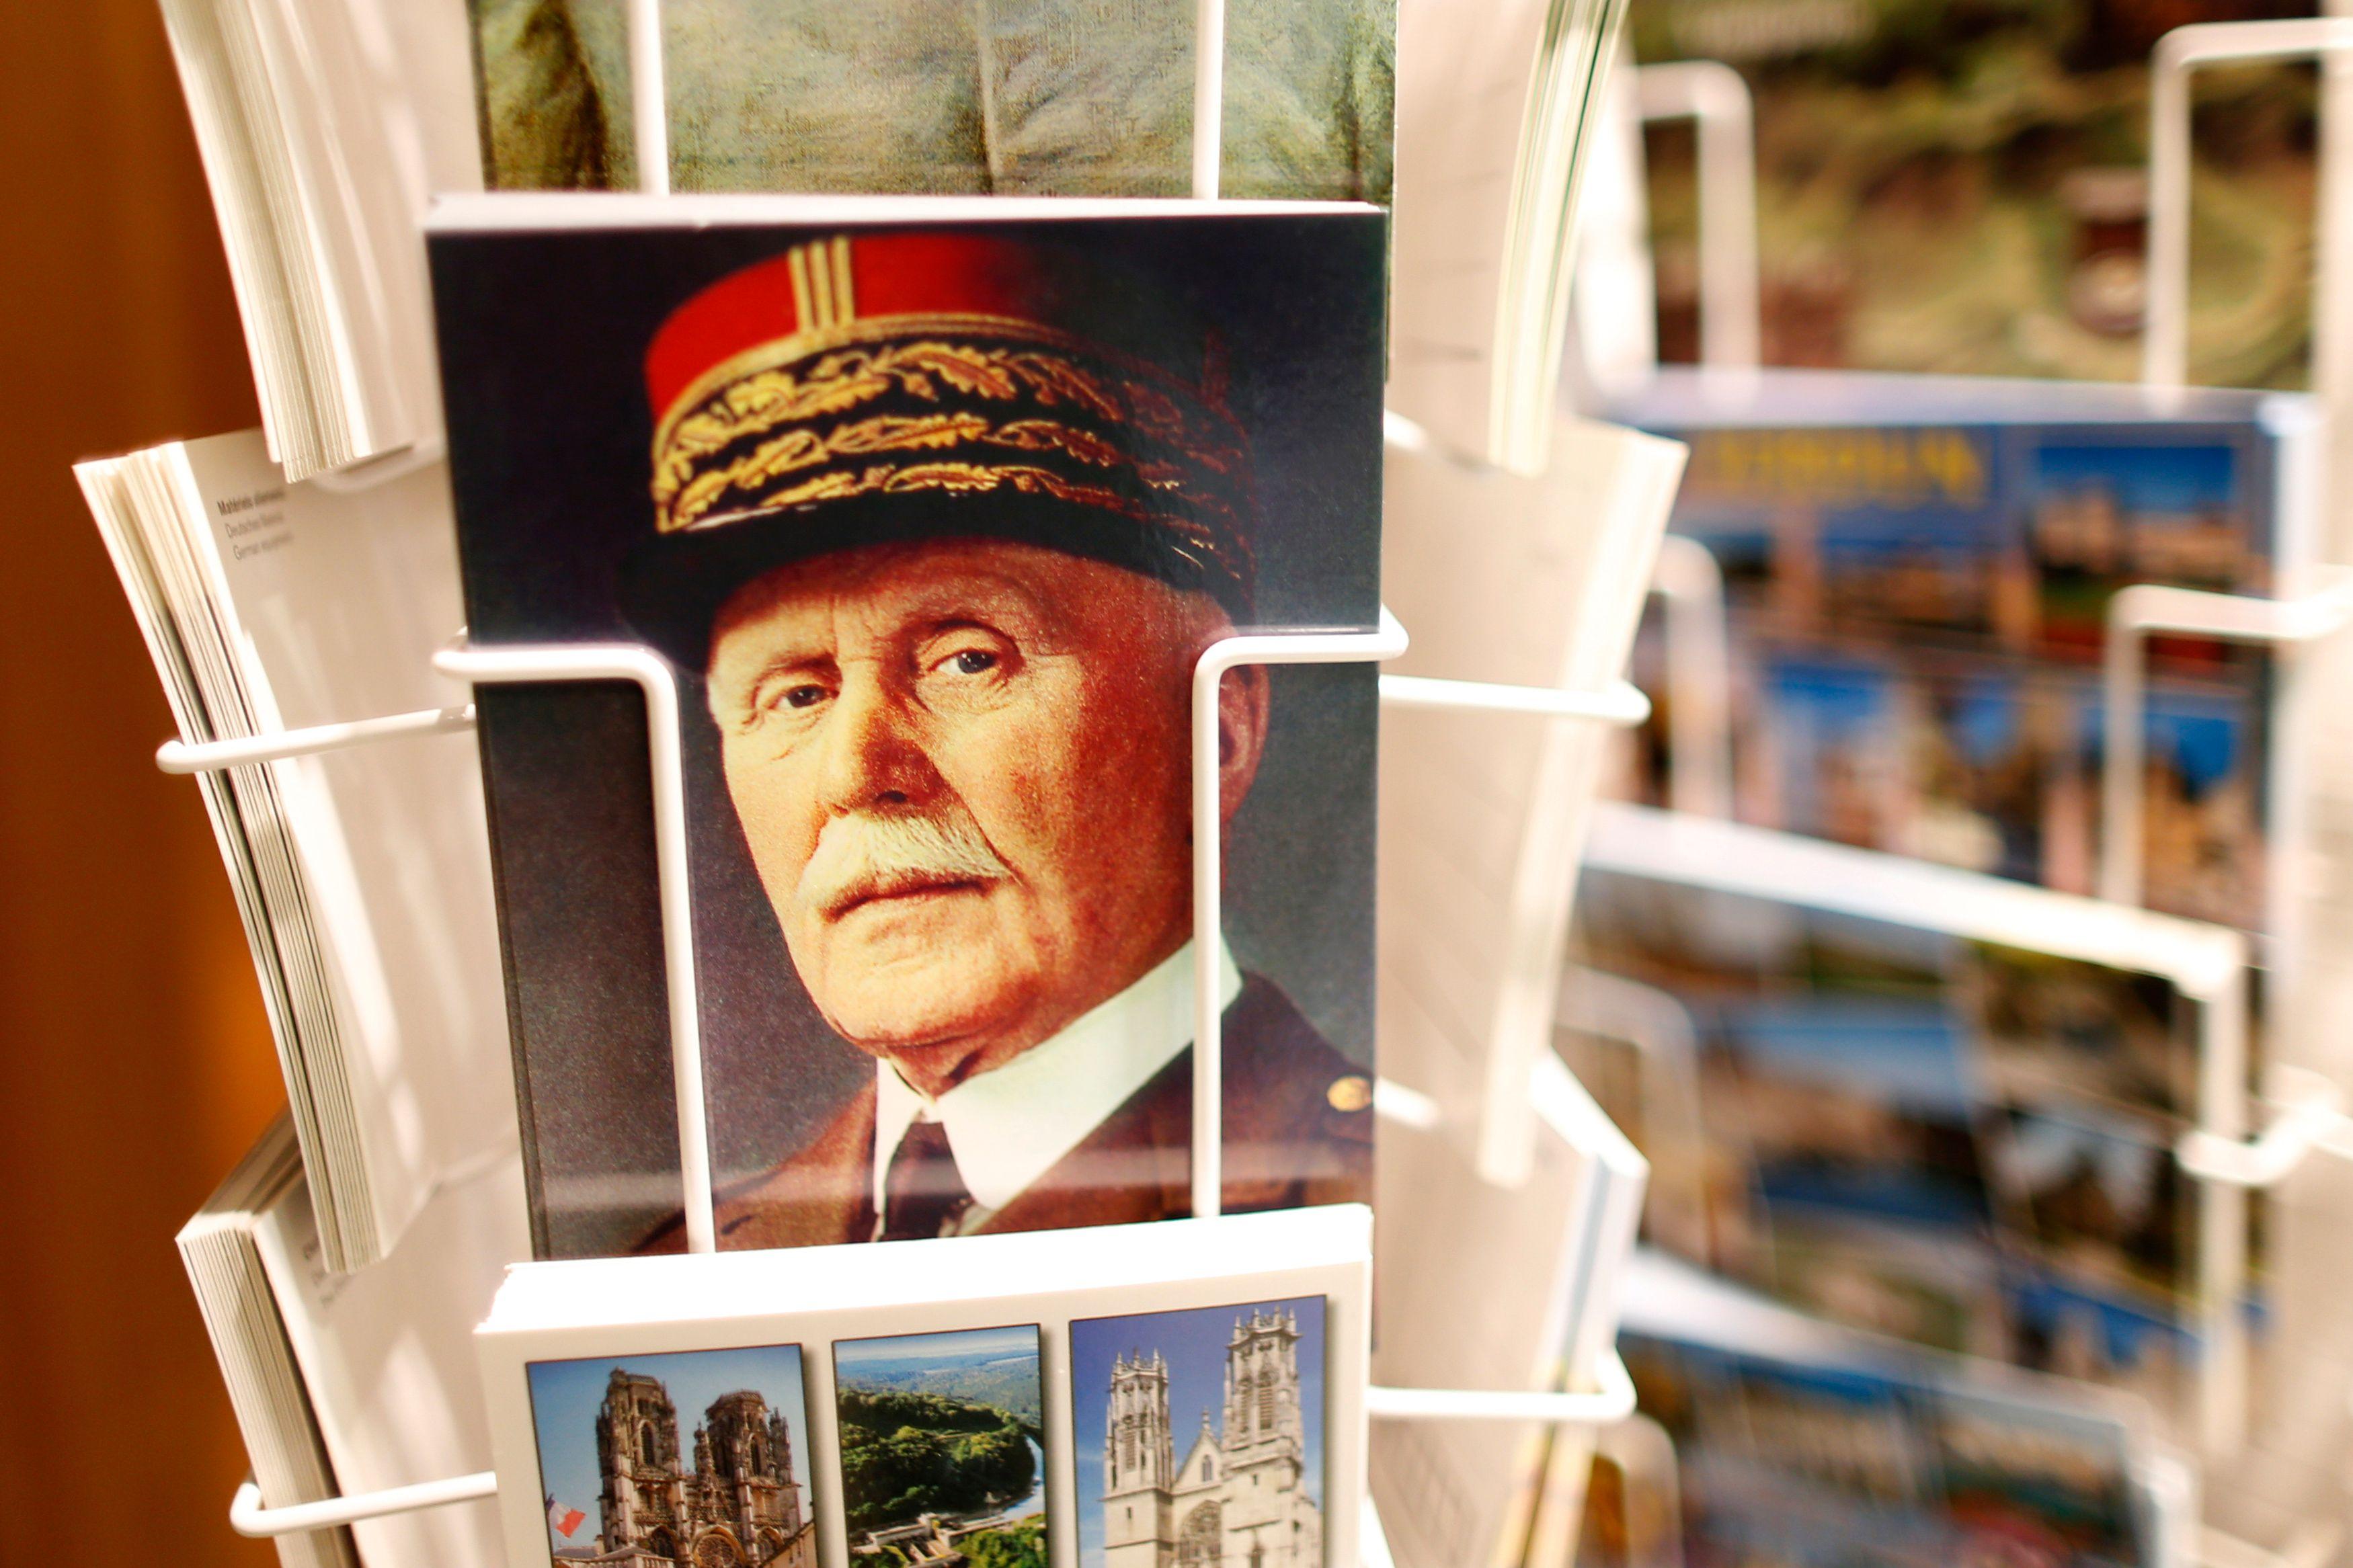 Ouverture des archives de Vichy : ces zones d'ombre qui méritent encore d'être éclairées